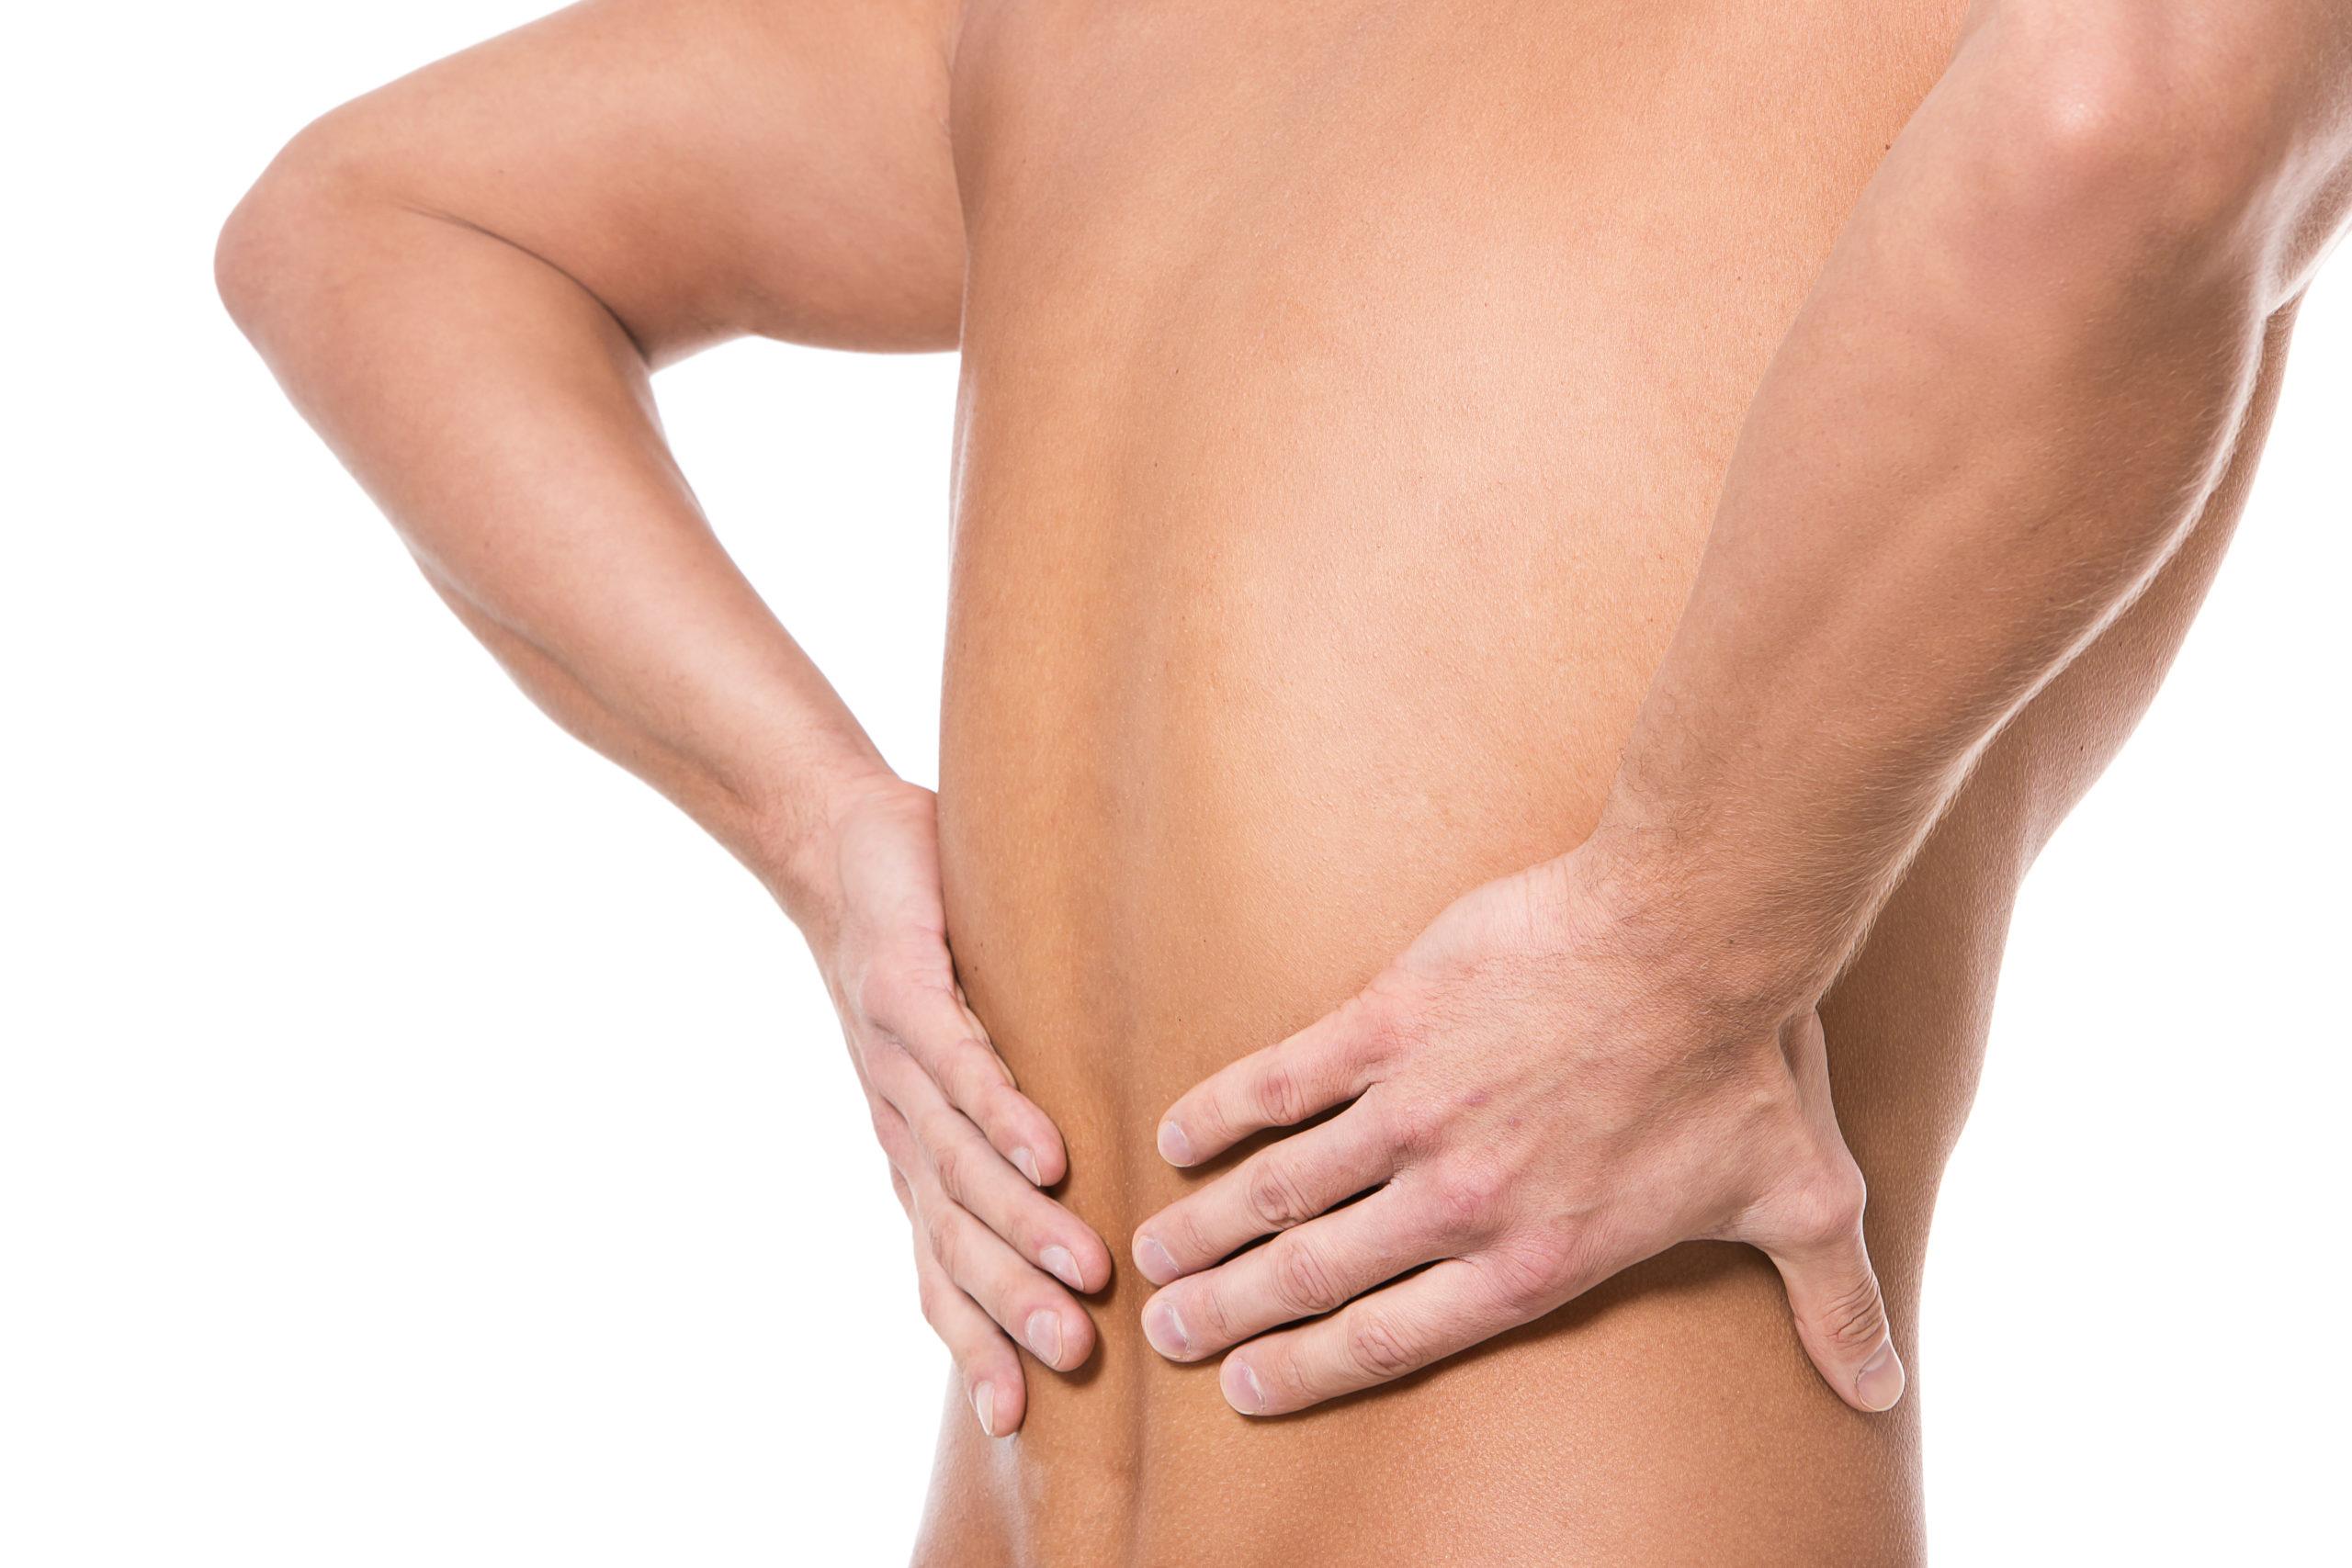 Ból pleców – kiedy należy zgłosić się po zwolnienie lekarskie?